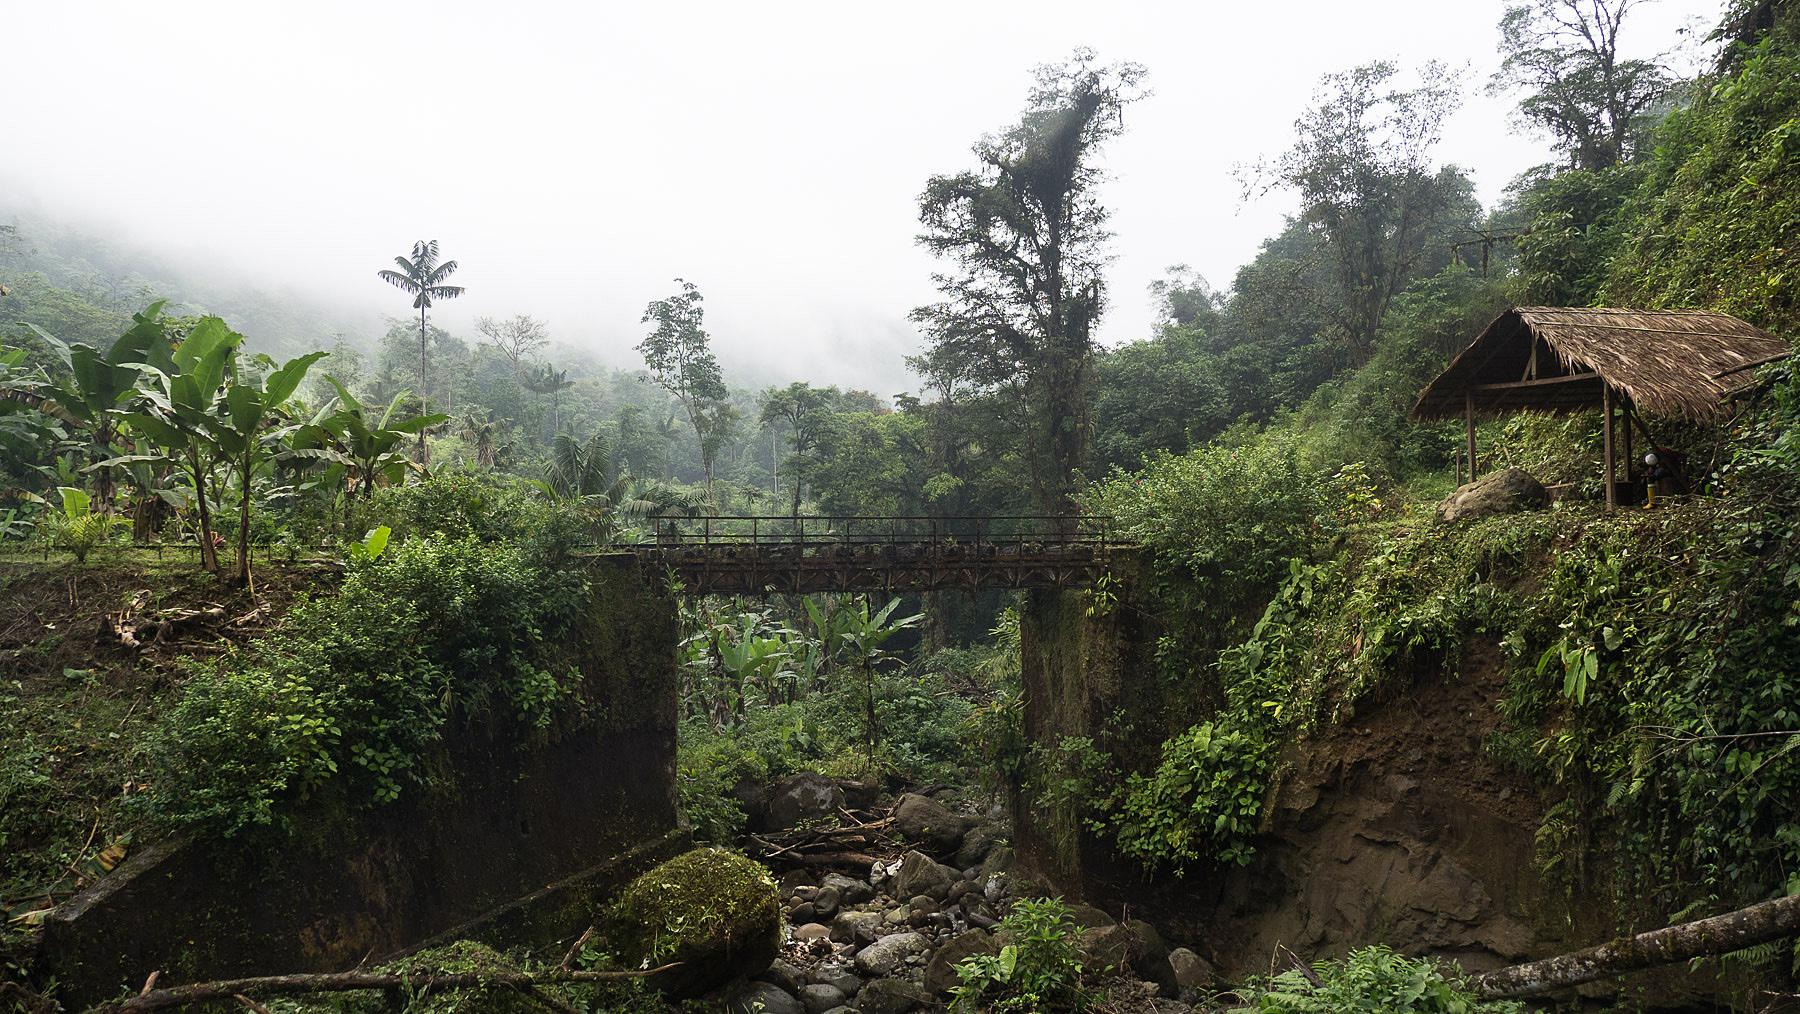 Über diese marode Eisenbahnbrücke sind wir zum Glück nicht mehr gefahren